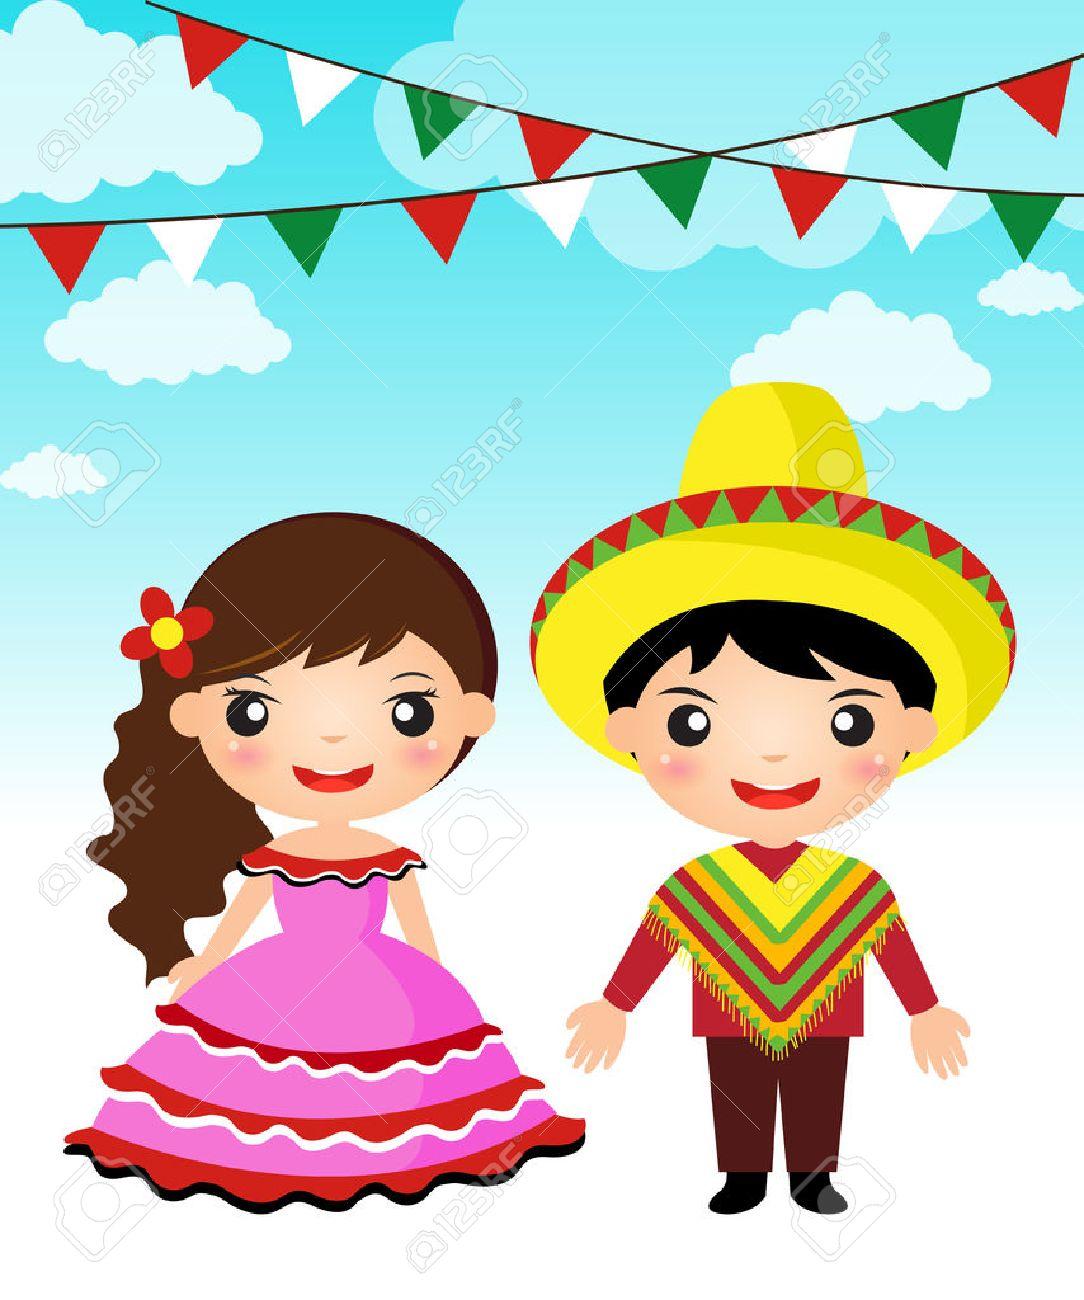 Pareja mexicana de dibujos animados traje tradicional muchacha del muchacho Foto de archivo - 29673817